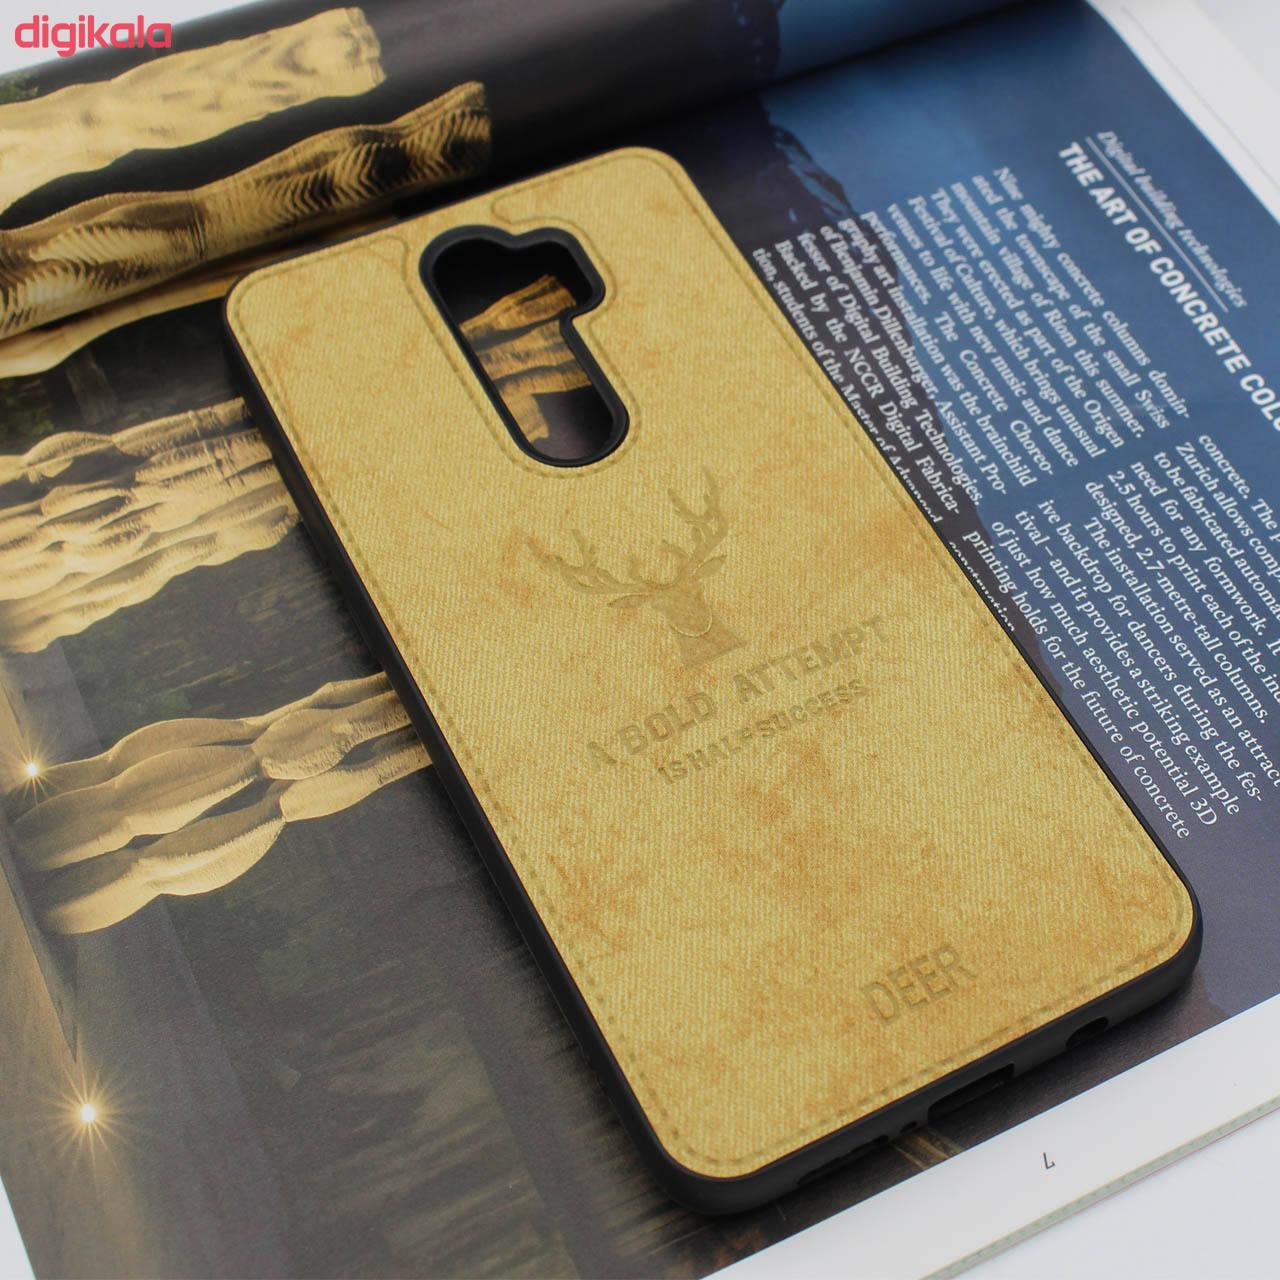 کاور کینگ پاور مدل D21 مناسب برای گوشی موبایل شیائومی Redmi Note 8 Pro main 1 4